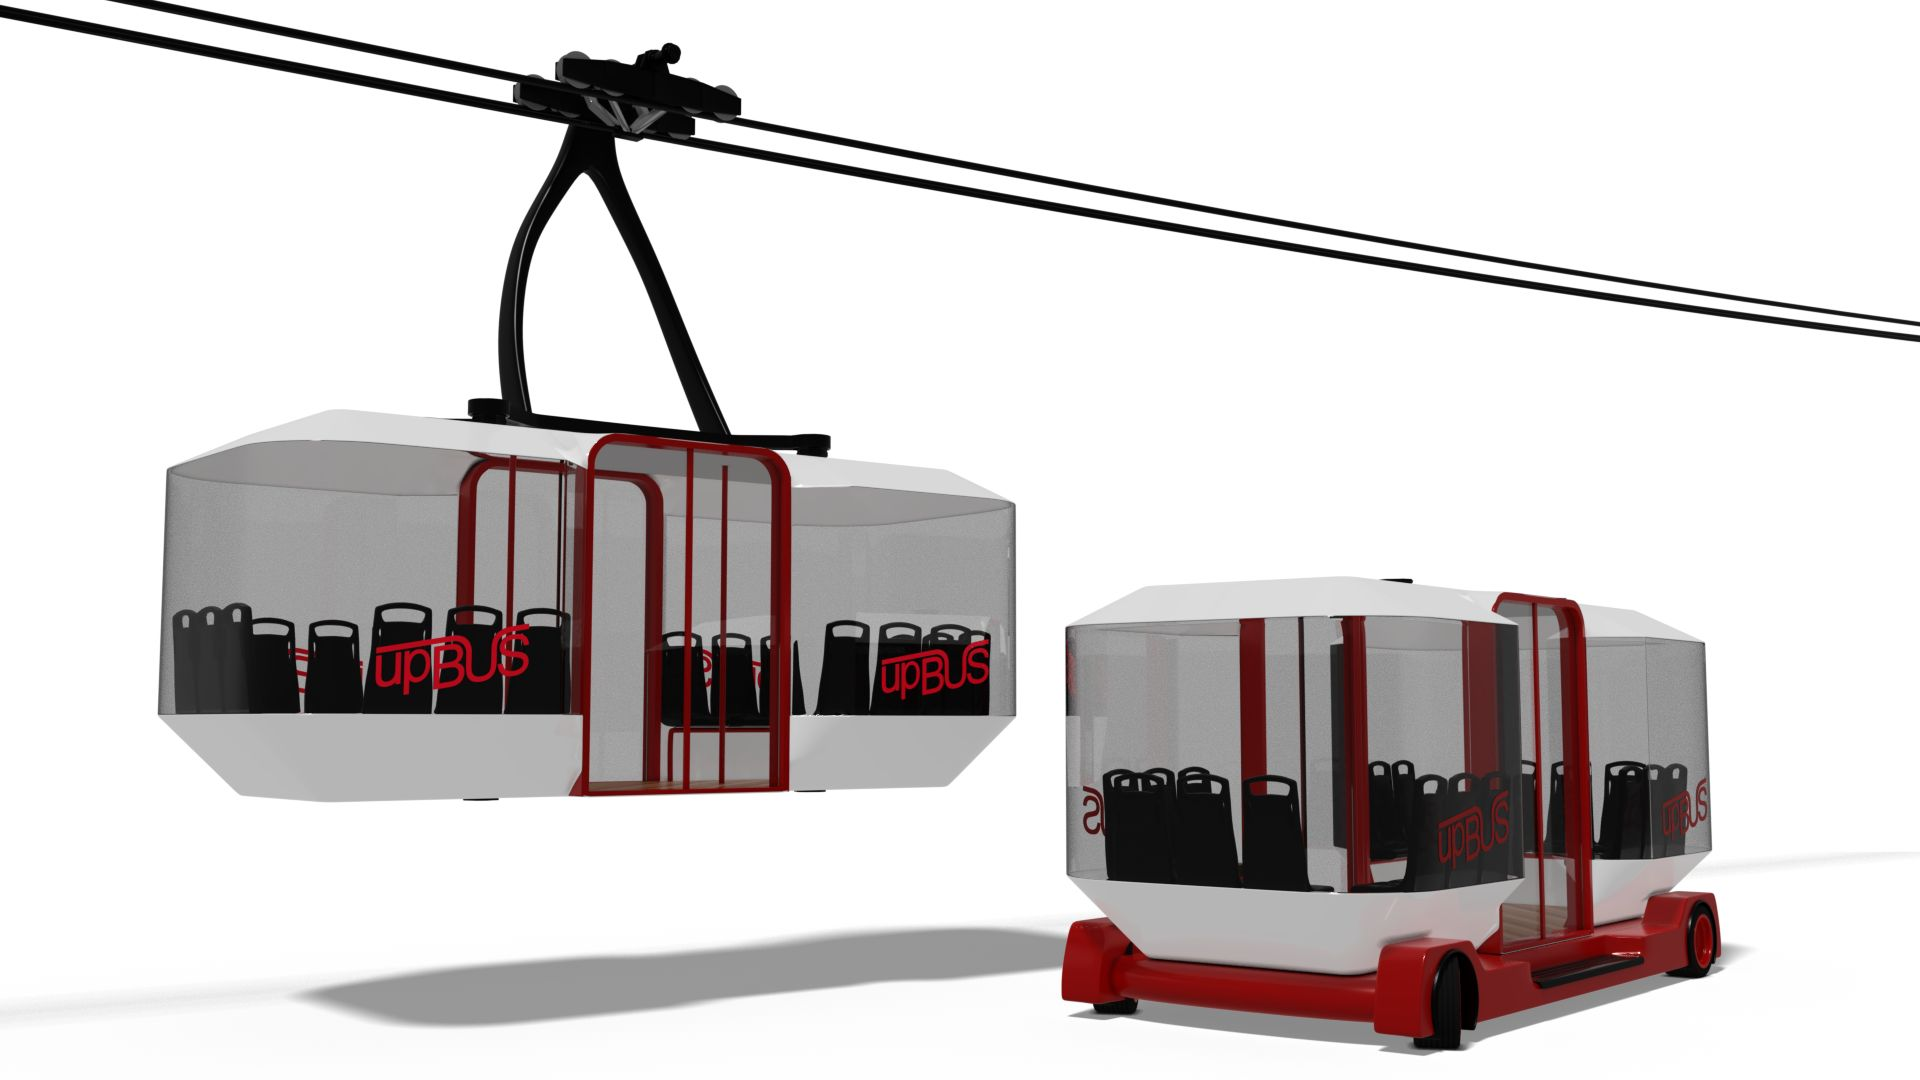 Upbus: Ein E-Bus, der fährt und schwebt - Die Kopplung erfolgt mit Hilfe von Satellitentechnik. (Bild: RWTH)